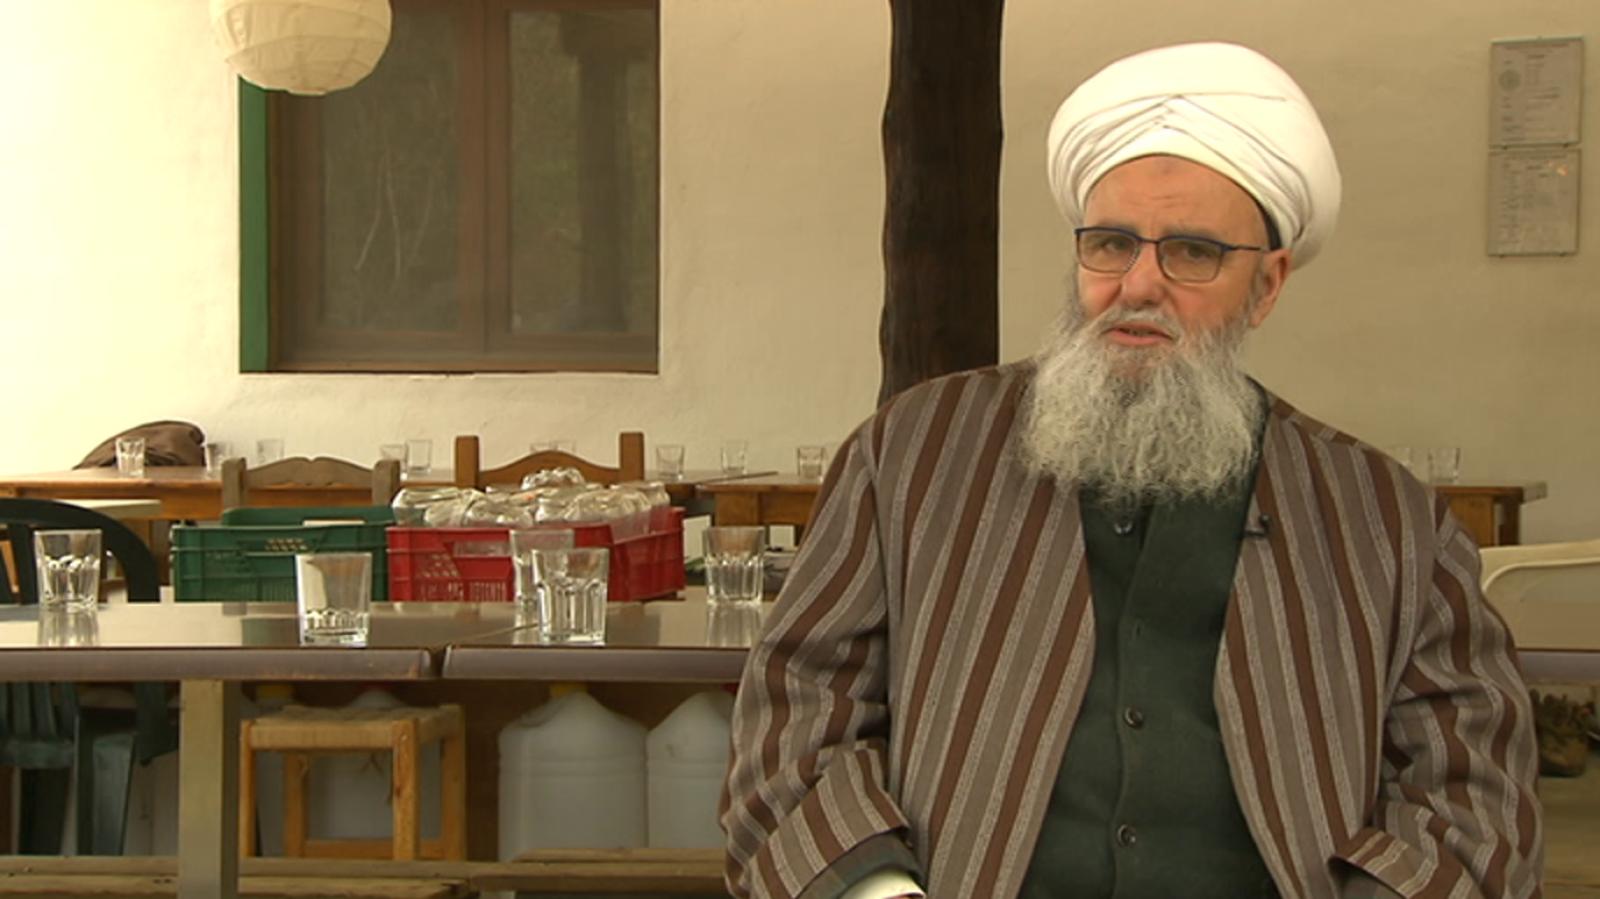 Medina en TVE - Comunidad sufí de Órgiva - ver ahora